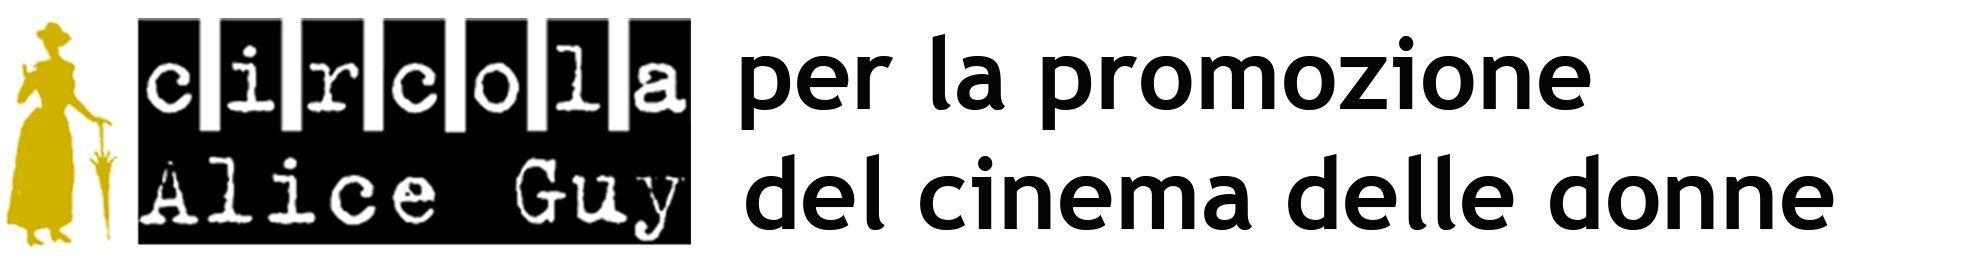 Cultura e promozione del cinema delle donne